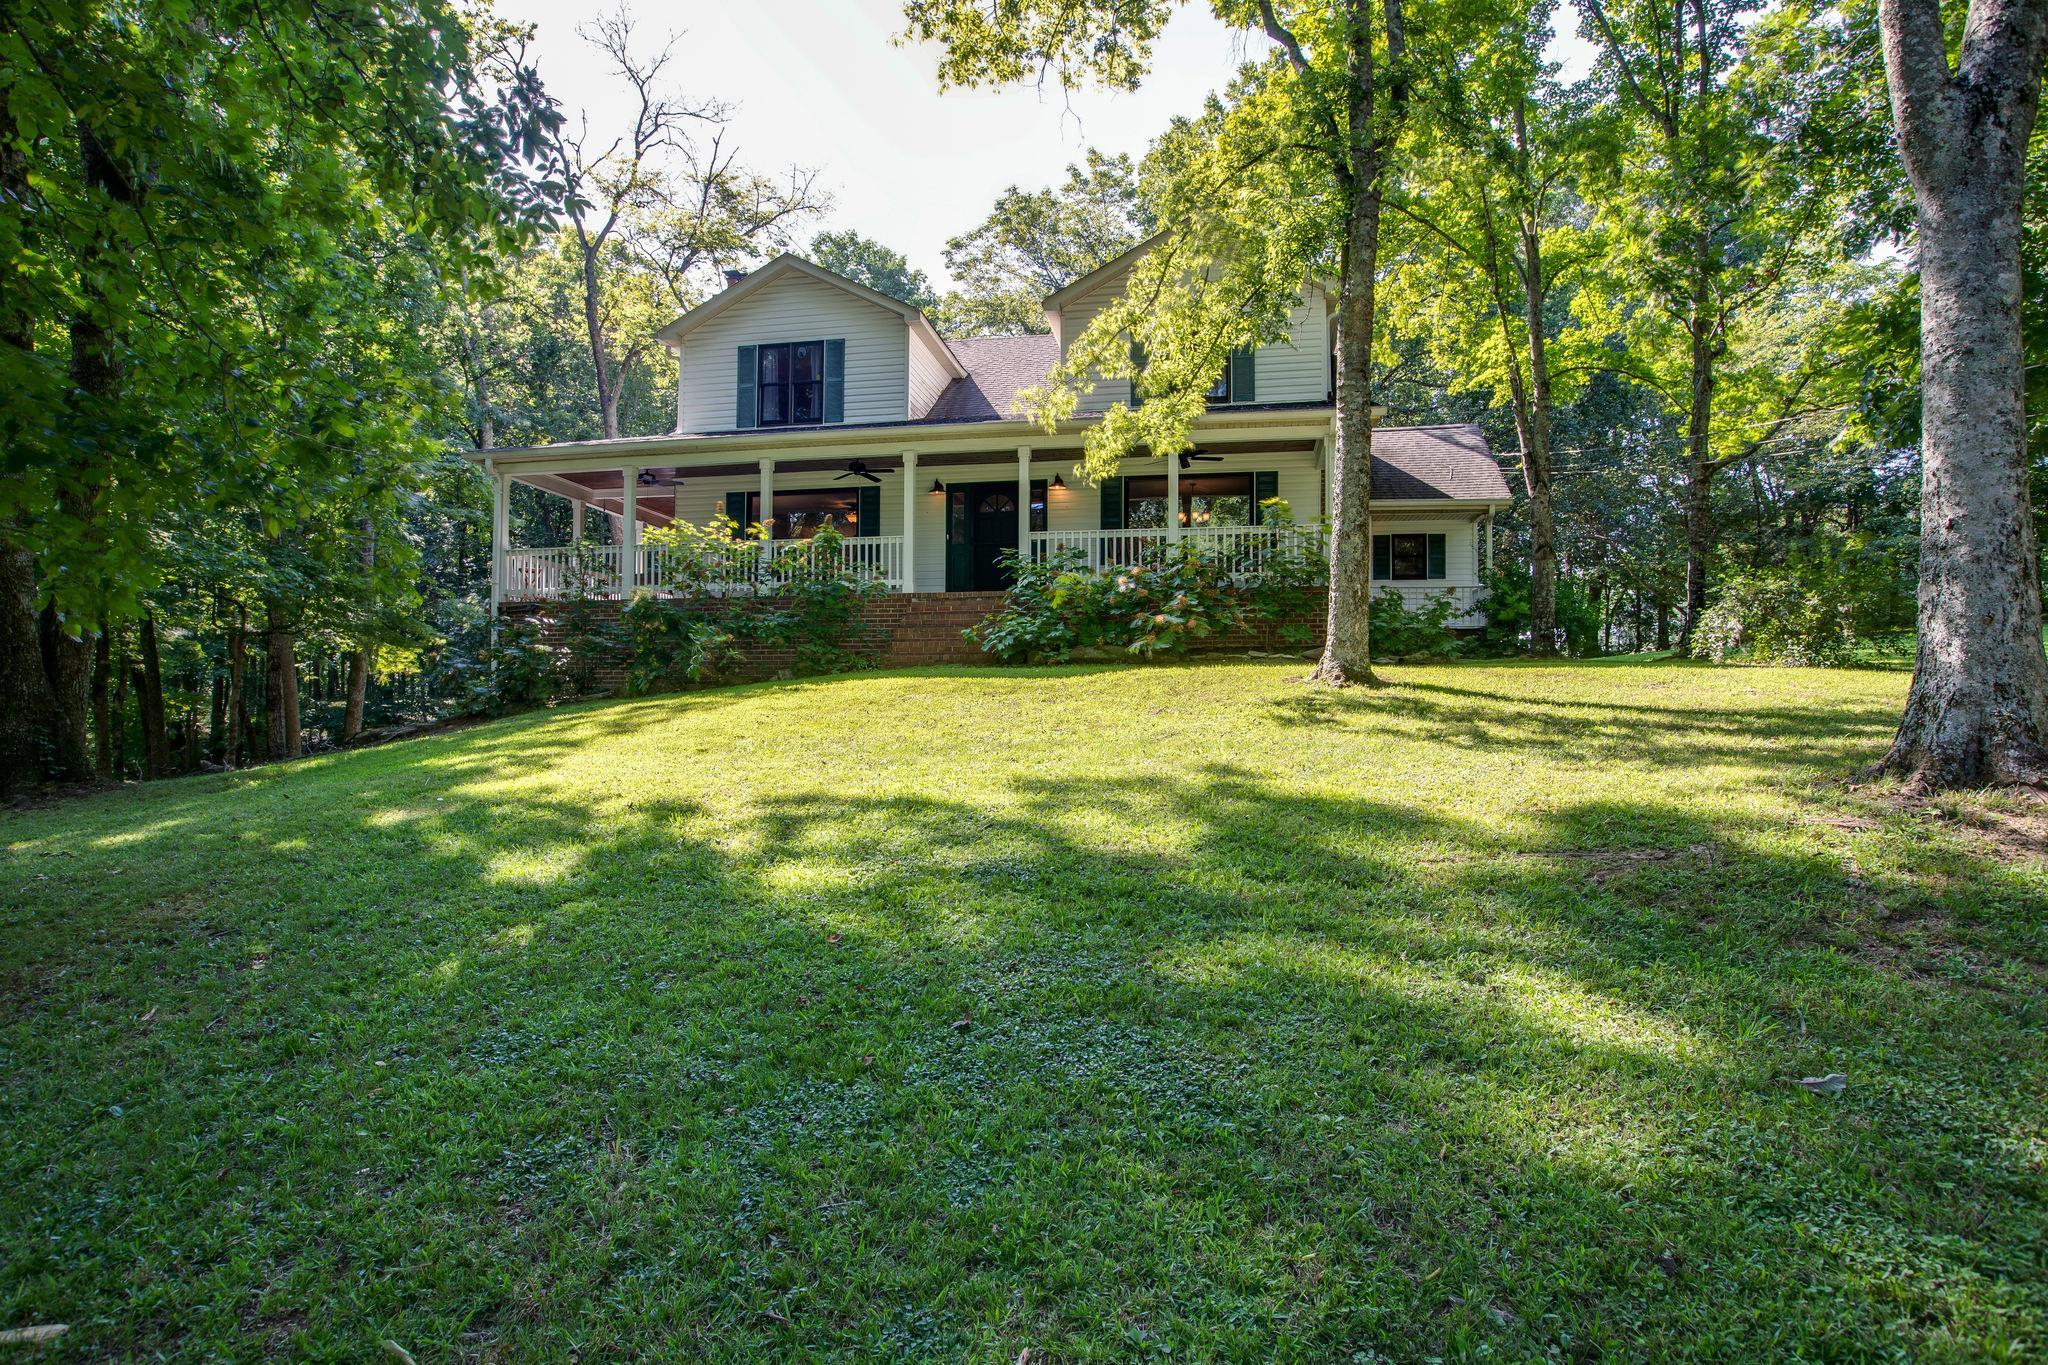 608 Rice Hill Rd, Nolensville, TN 37135 - Nolensville, TN real estate listing